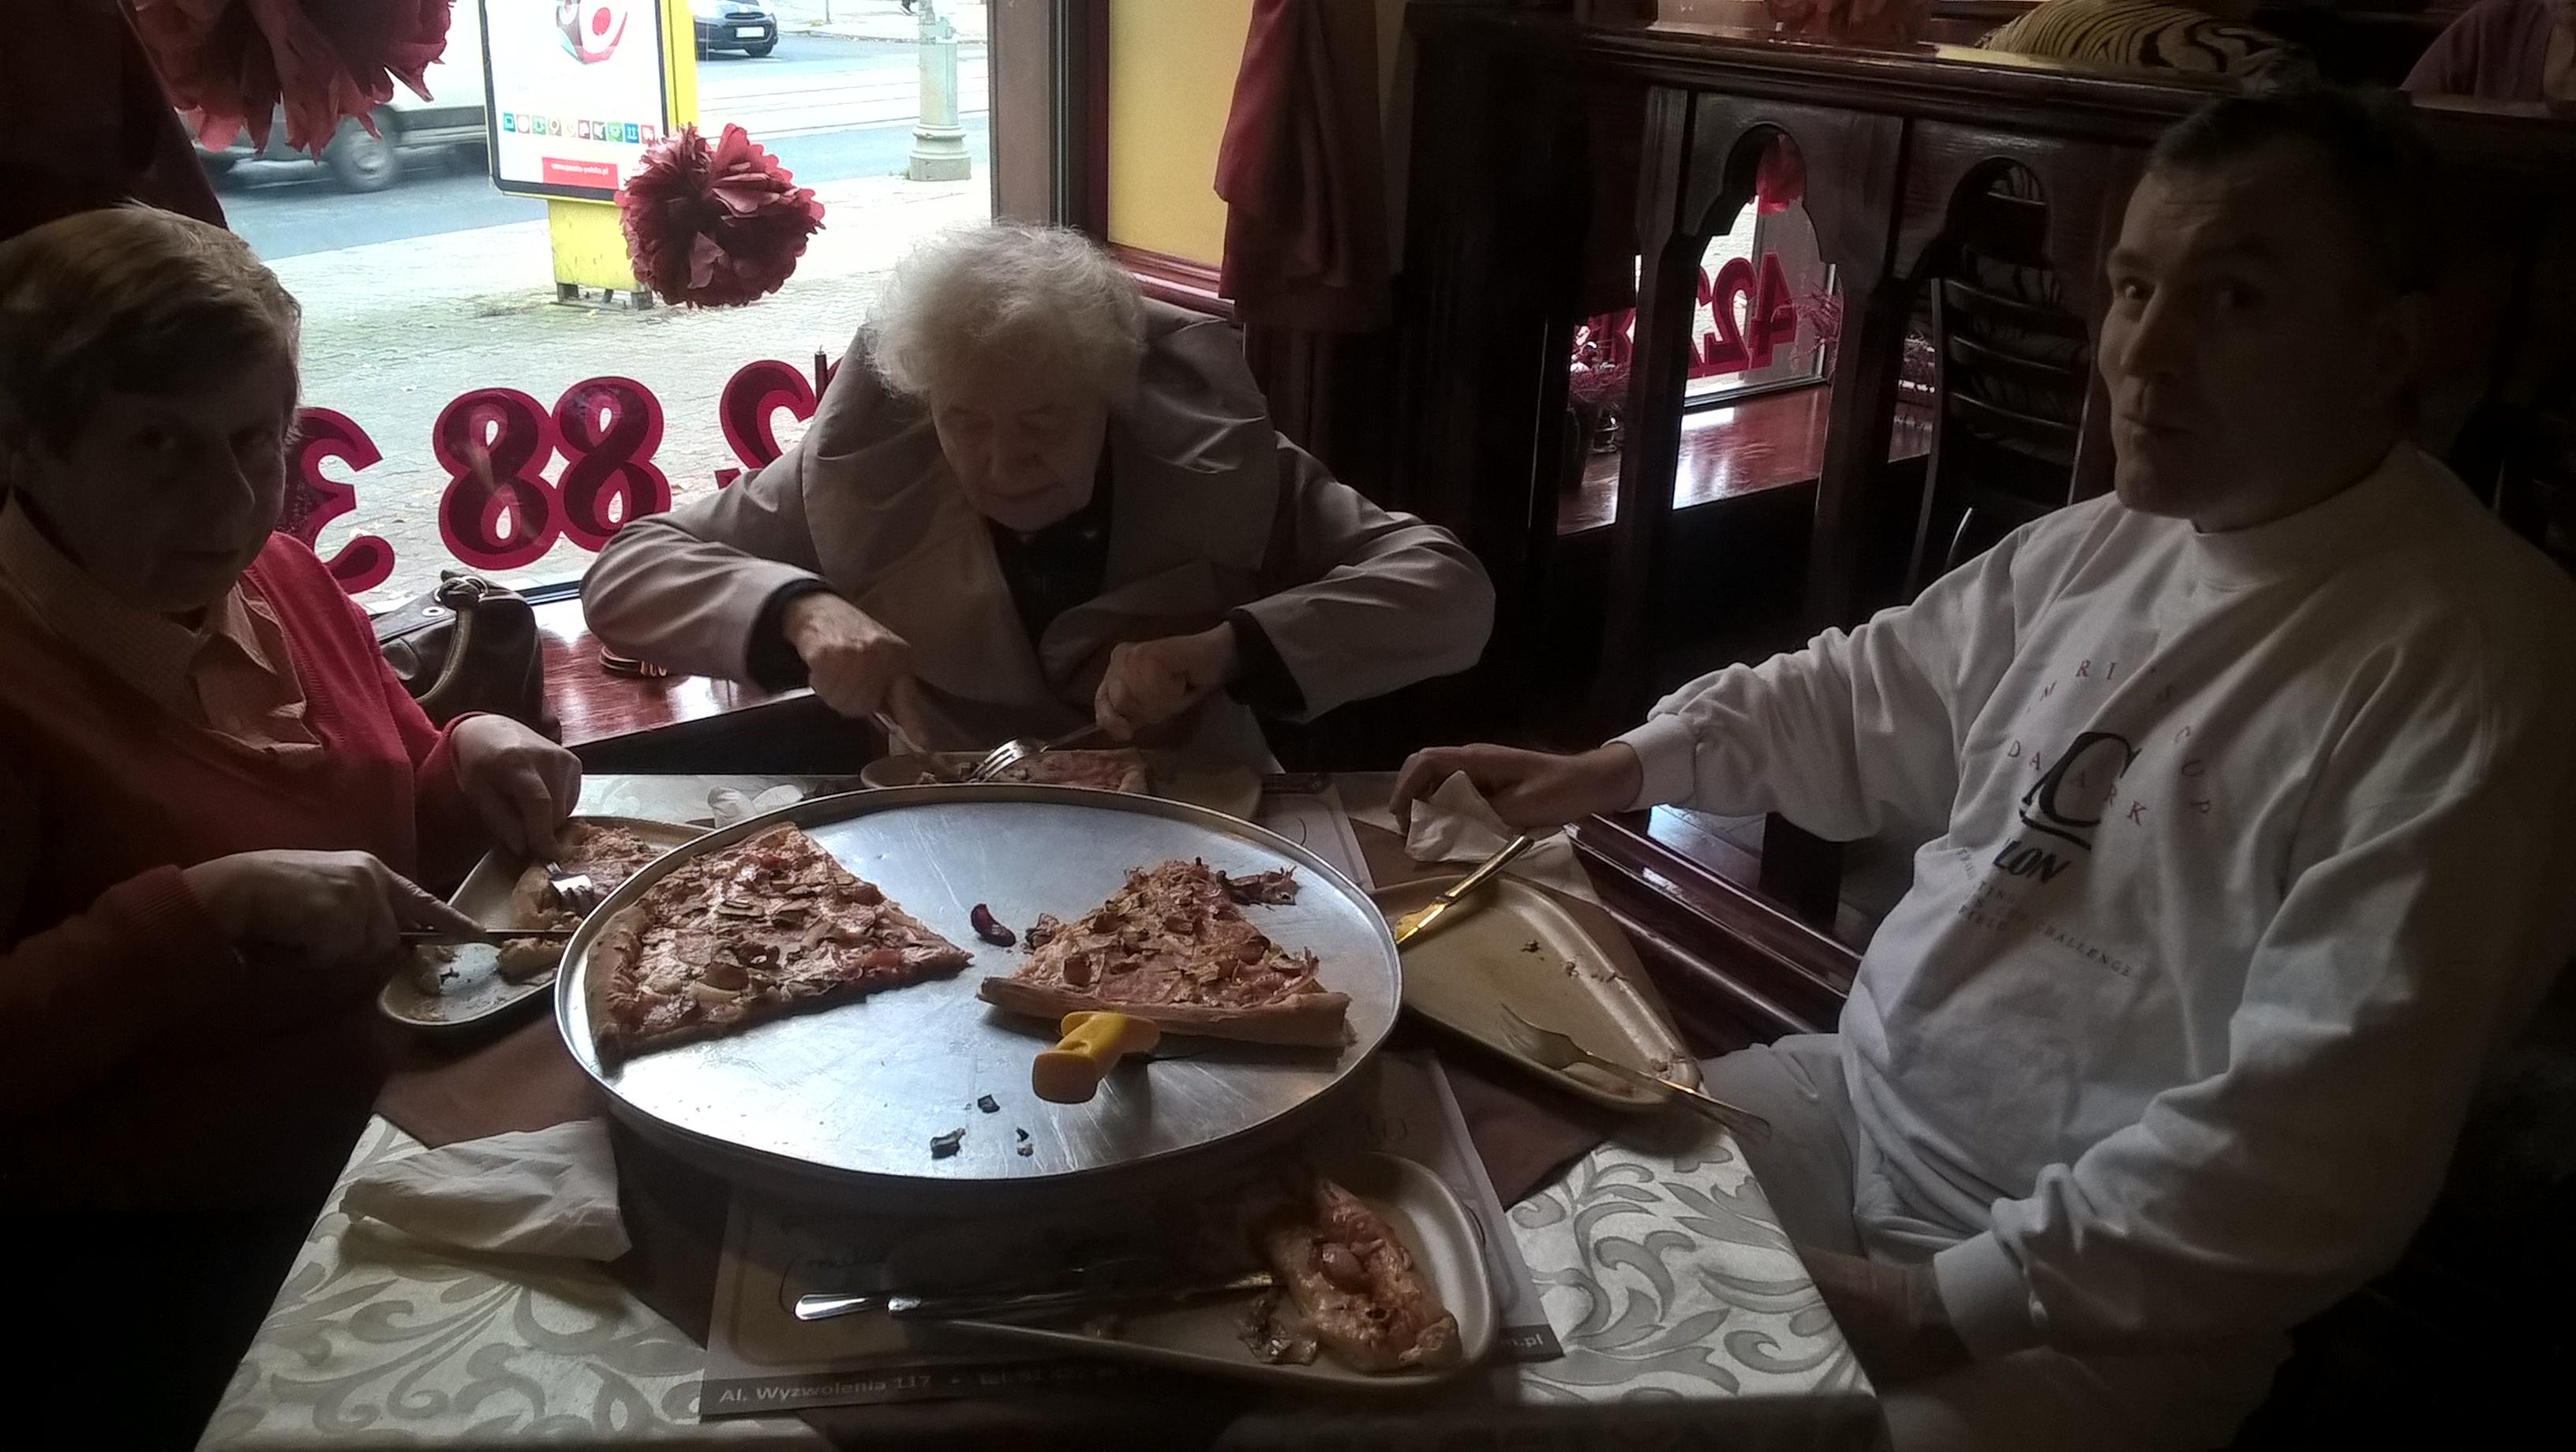 2017.11.15 - wyjście do pizzeri 1